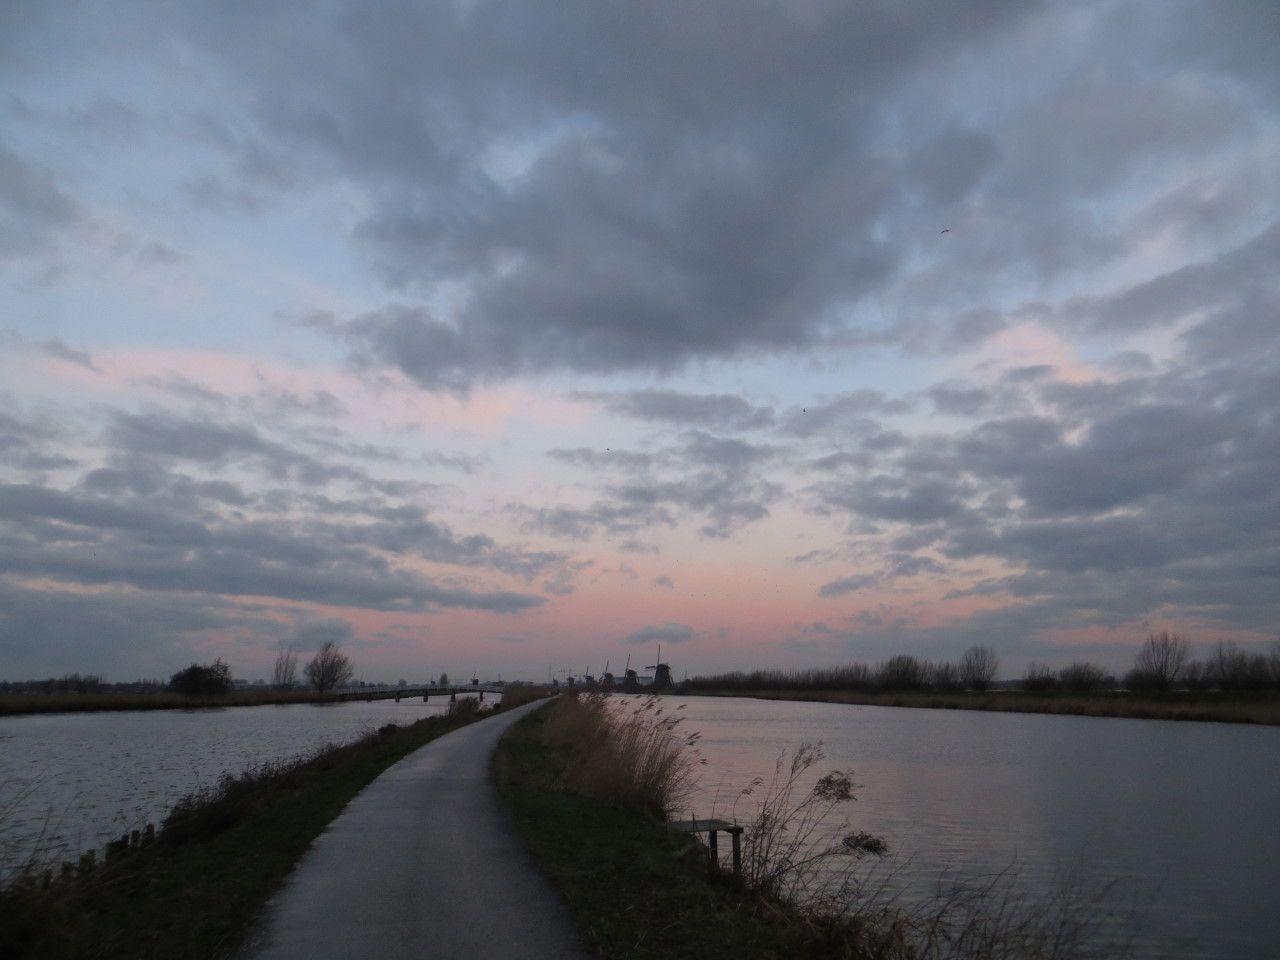 Soms daagt het wel eens in het westen ... http://godisindestilte.blogspot.nl/2014/02/soms-daagt-het-wel-eens-in-het-westen.html